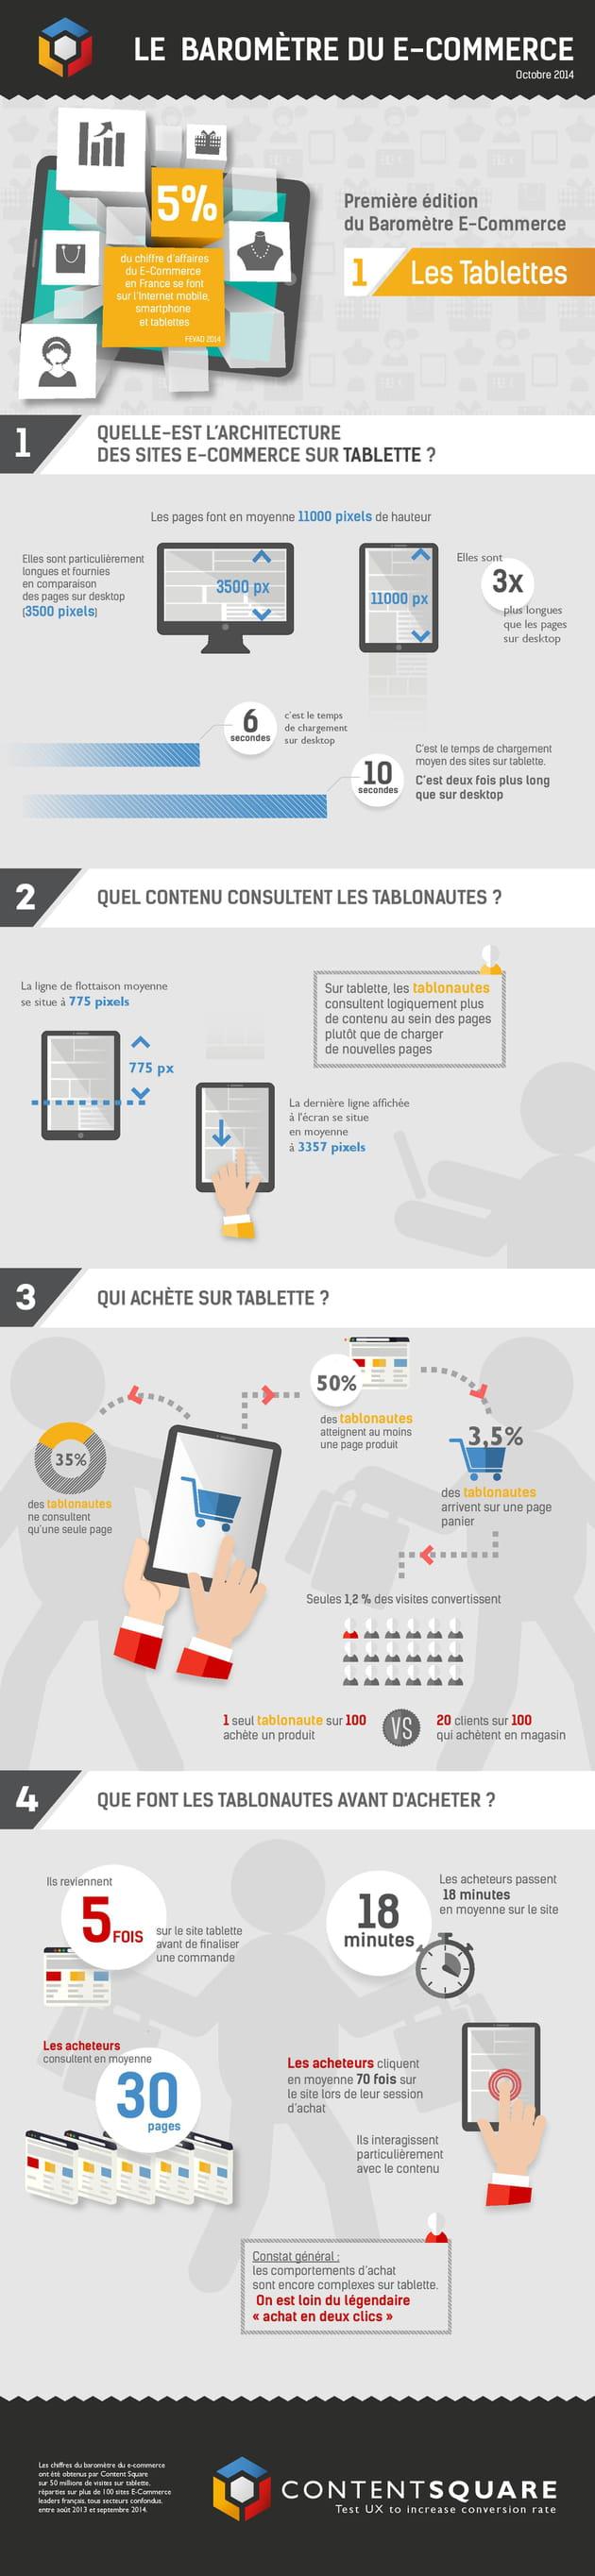 infographie ecommerce cs tablette octobre2014 (1) page 001